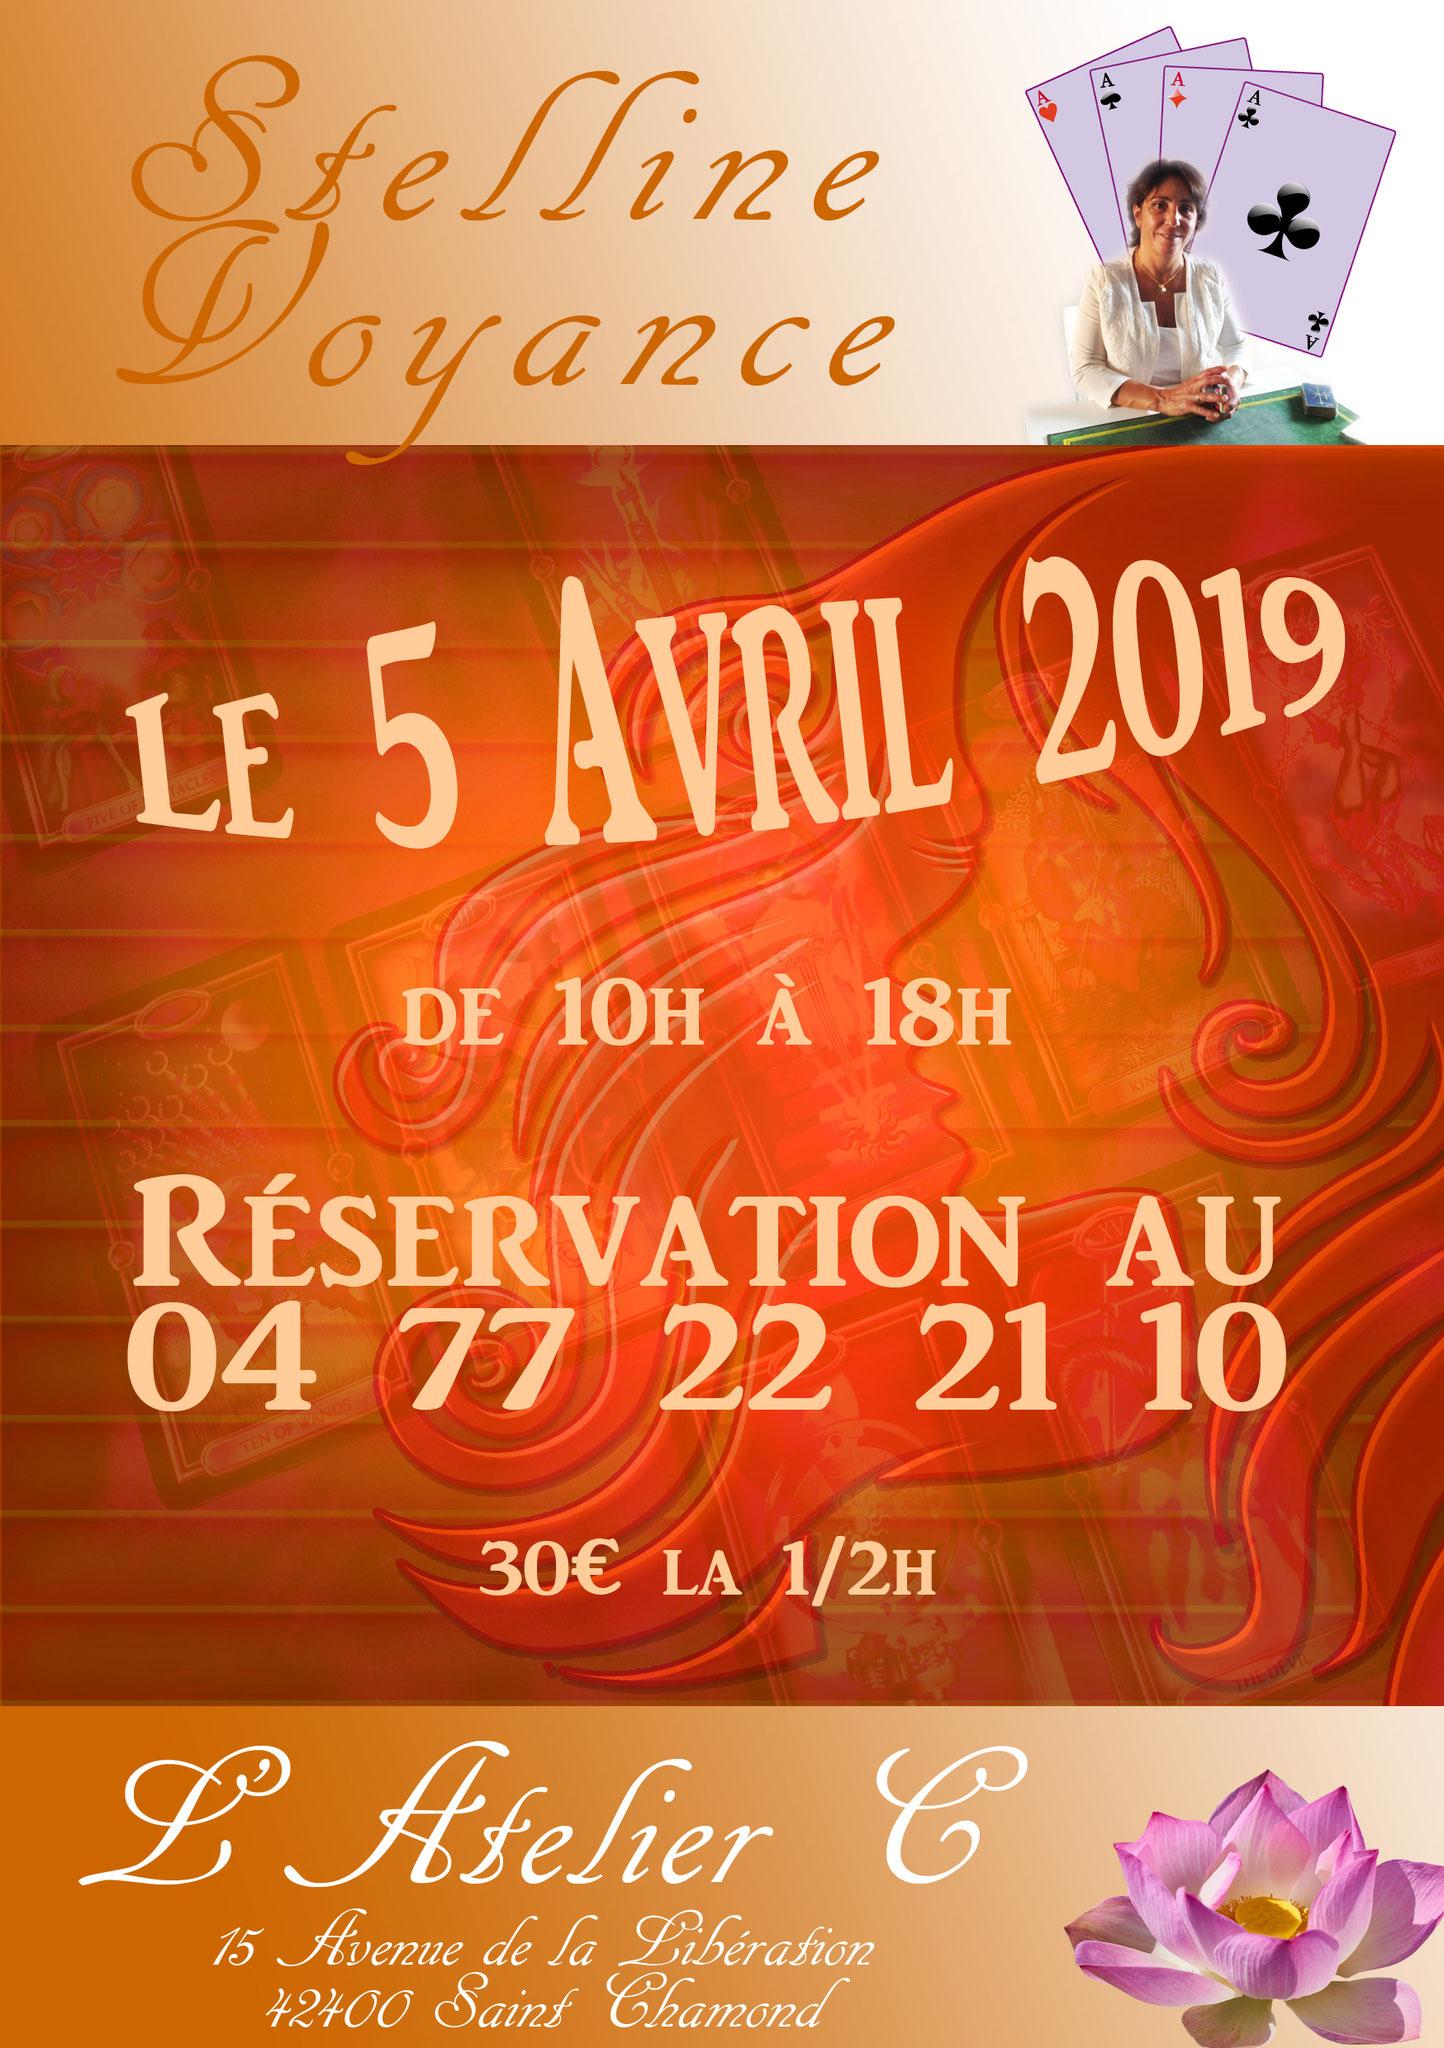 Stelline à l'Atelier C à St chamond le 5 avril 2019